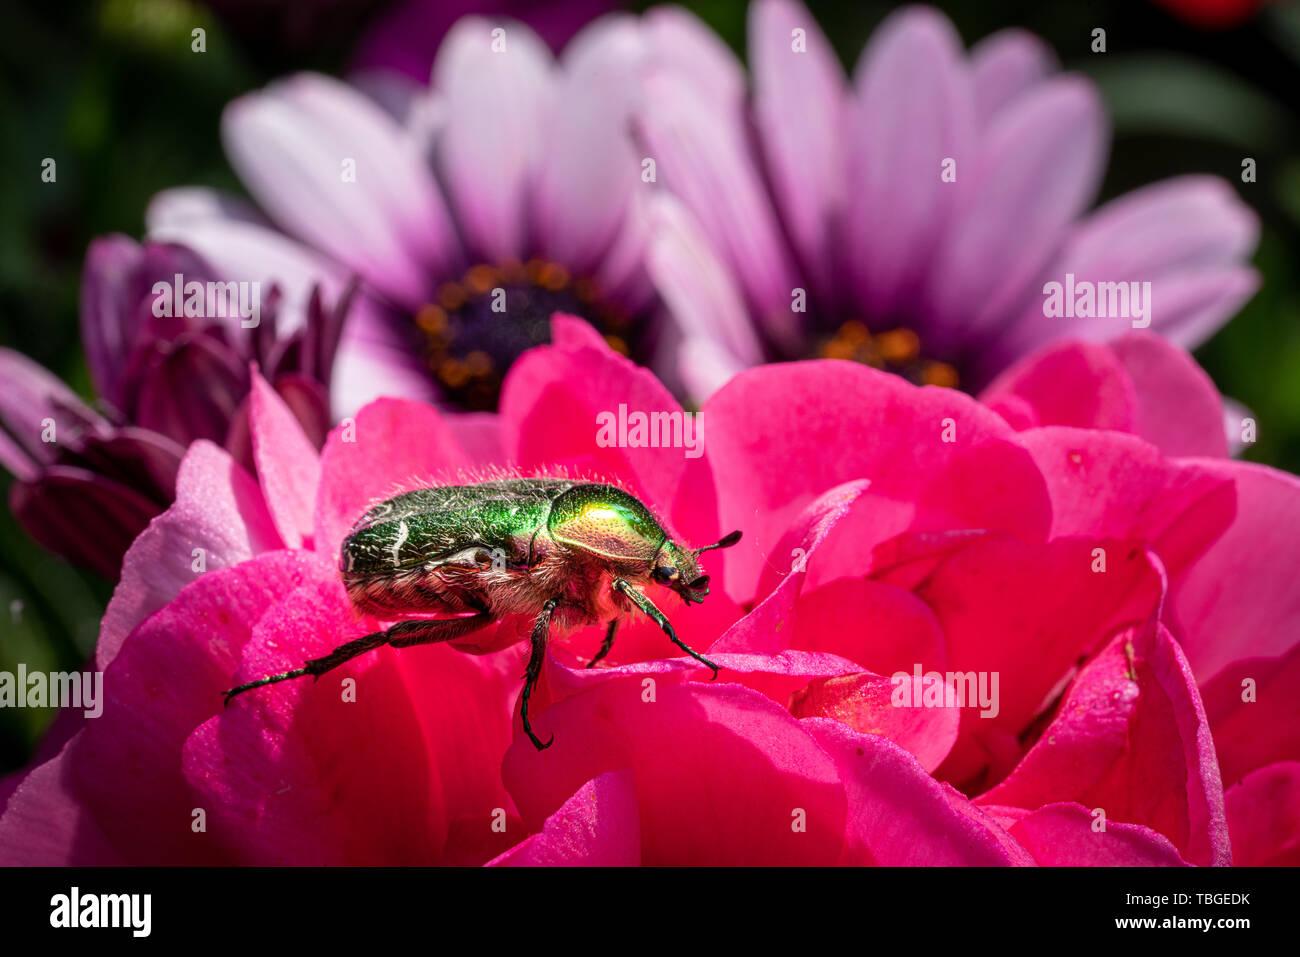 Eine goldfarbene rose Käfer sitzt auf einer roten Blume einer Blume in der Sonne Stockfoto